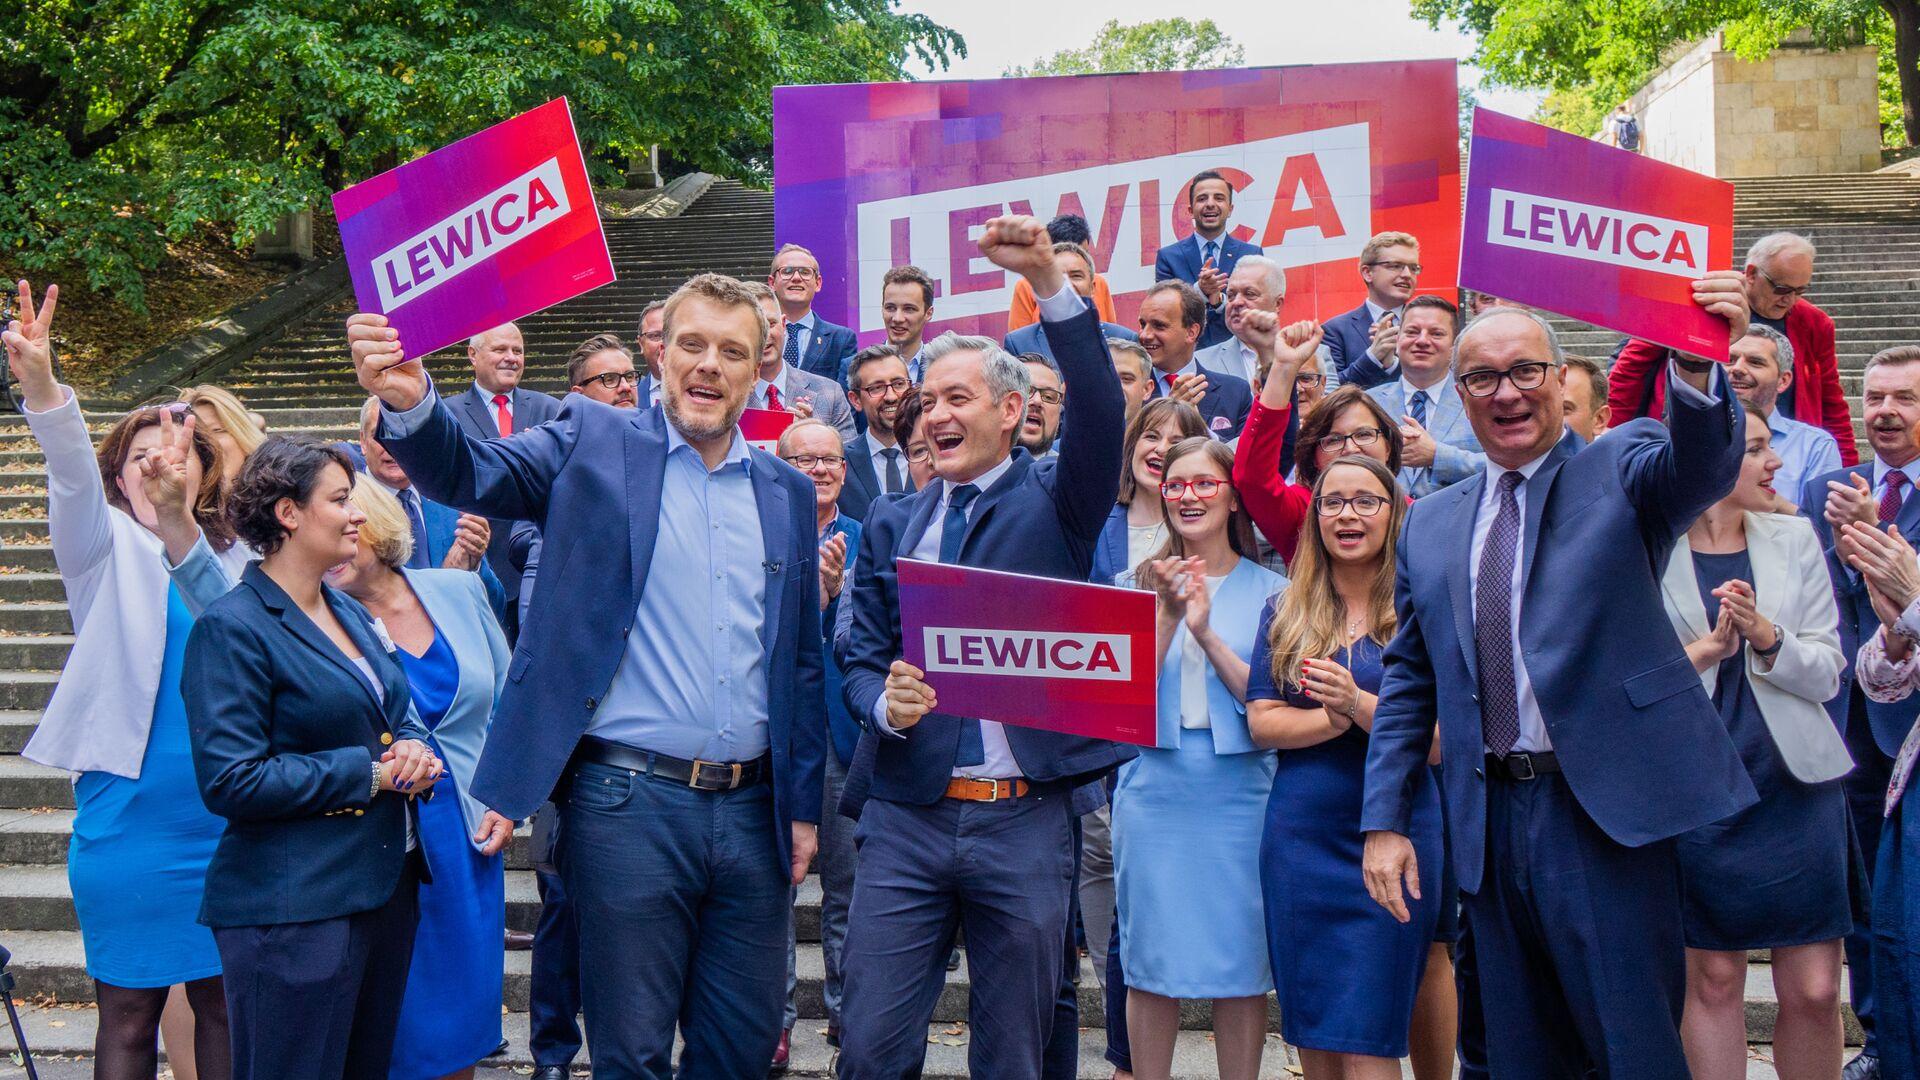 Lewica - Sputnik Polska, 1920, 17.07.2021